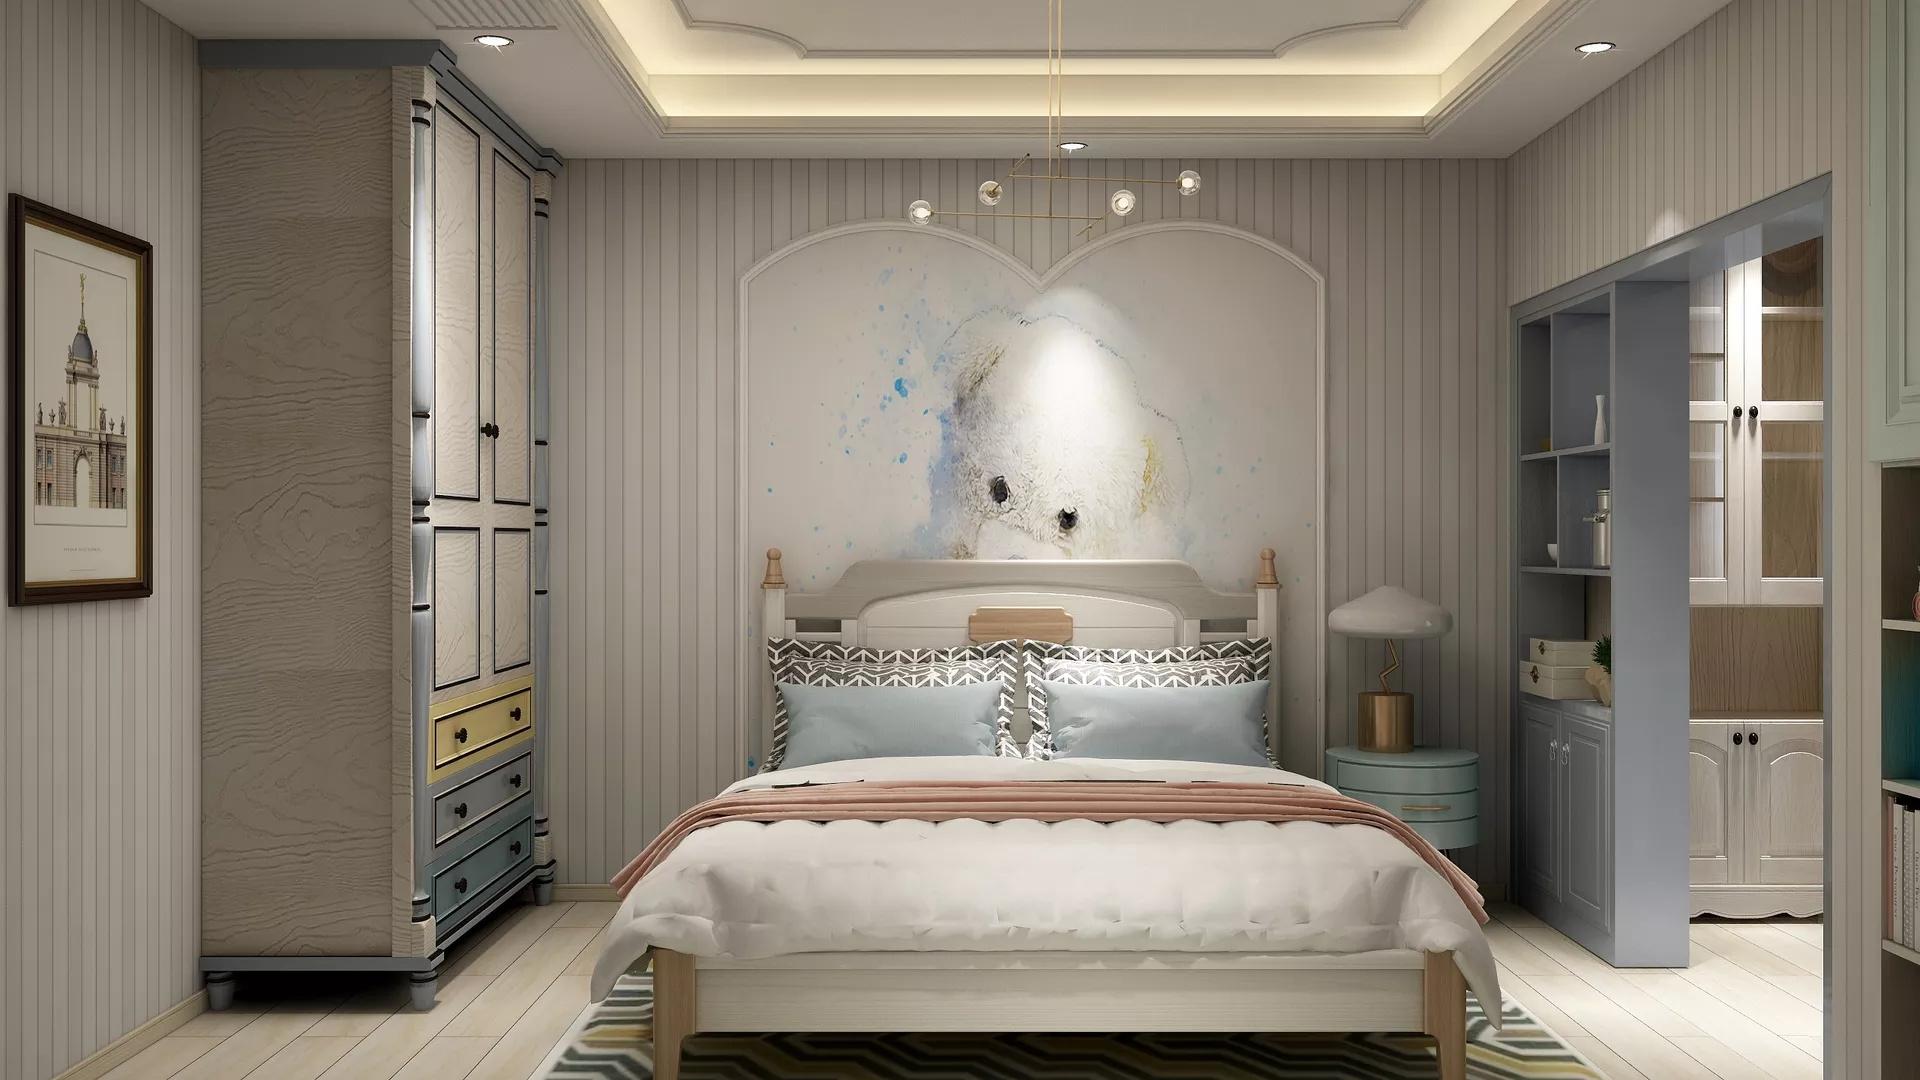 简约温馨风格客厅装修设计效果图